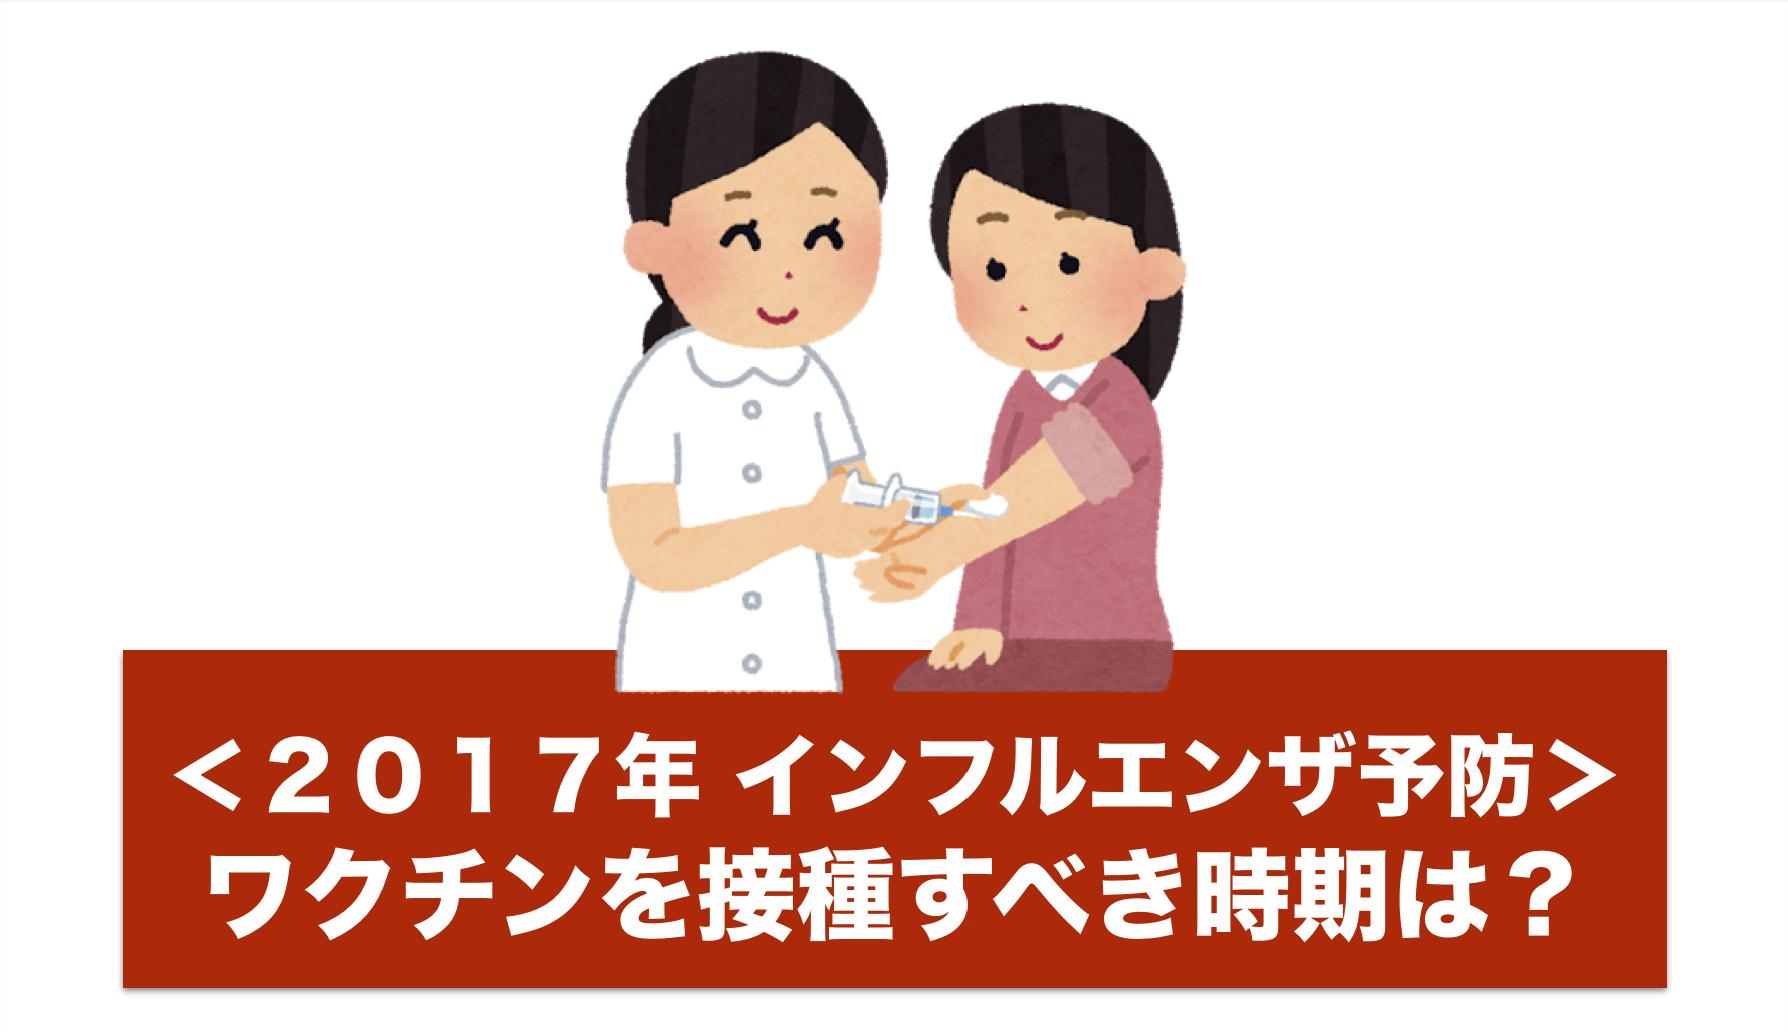 2019年冬のインフルエンザ流行予測!予防接種ワクチンはいつから?